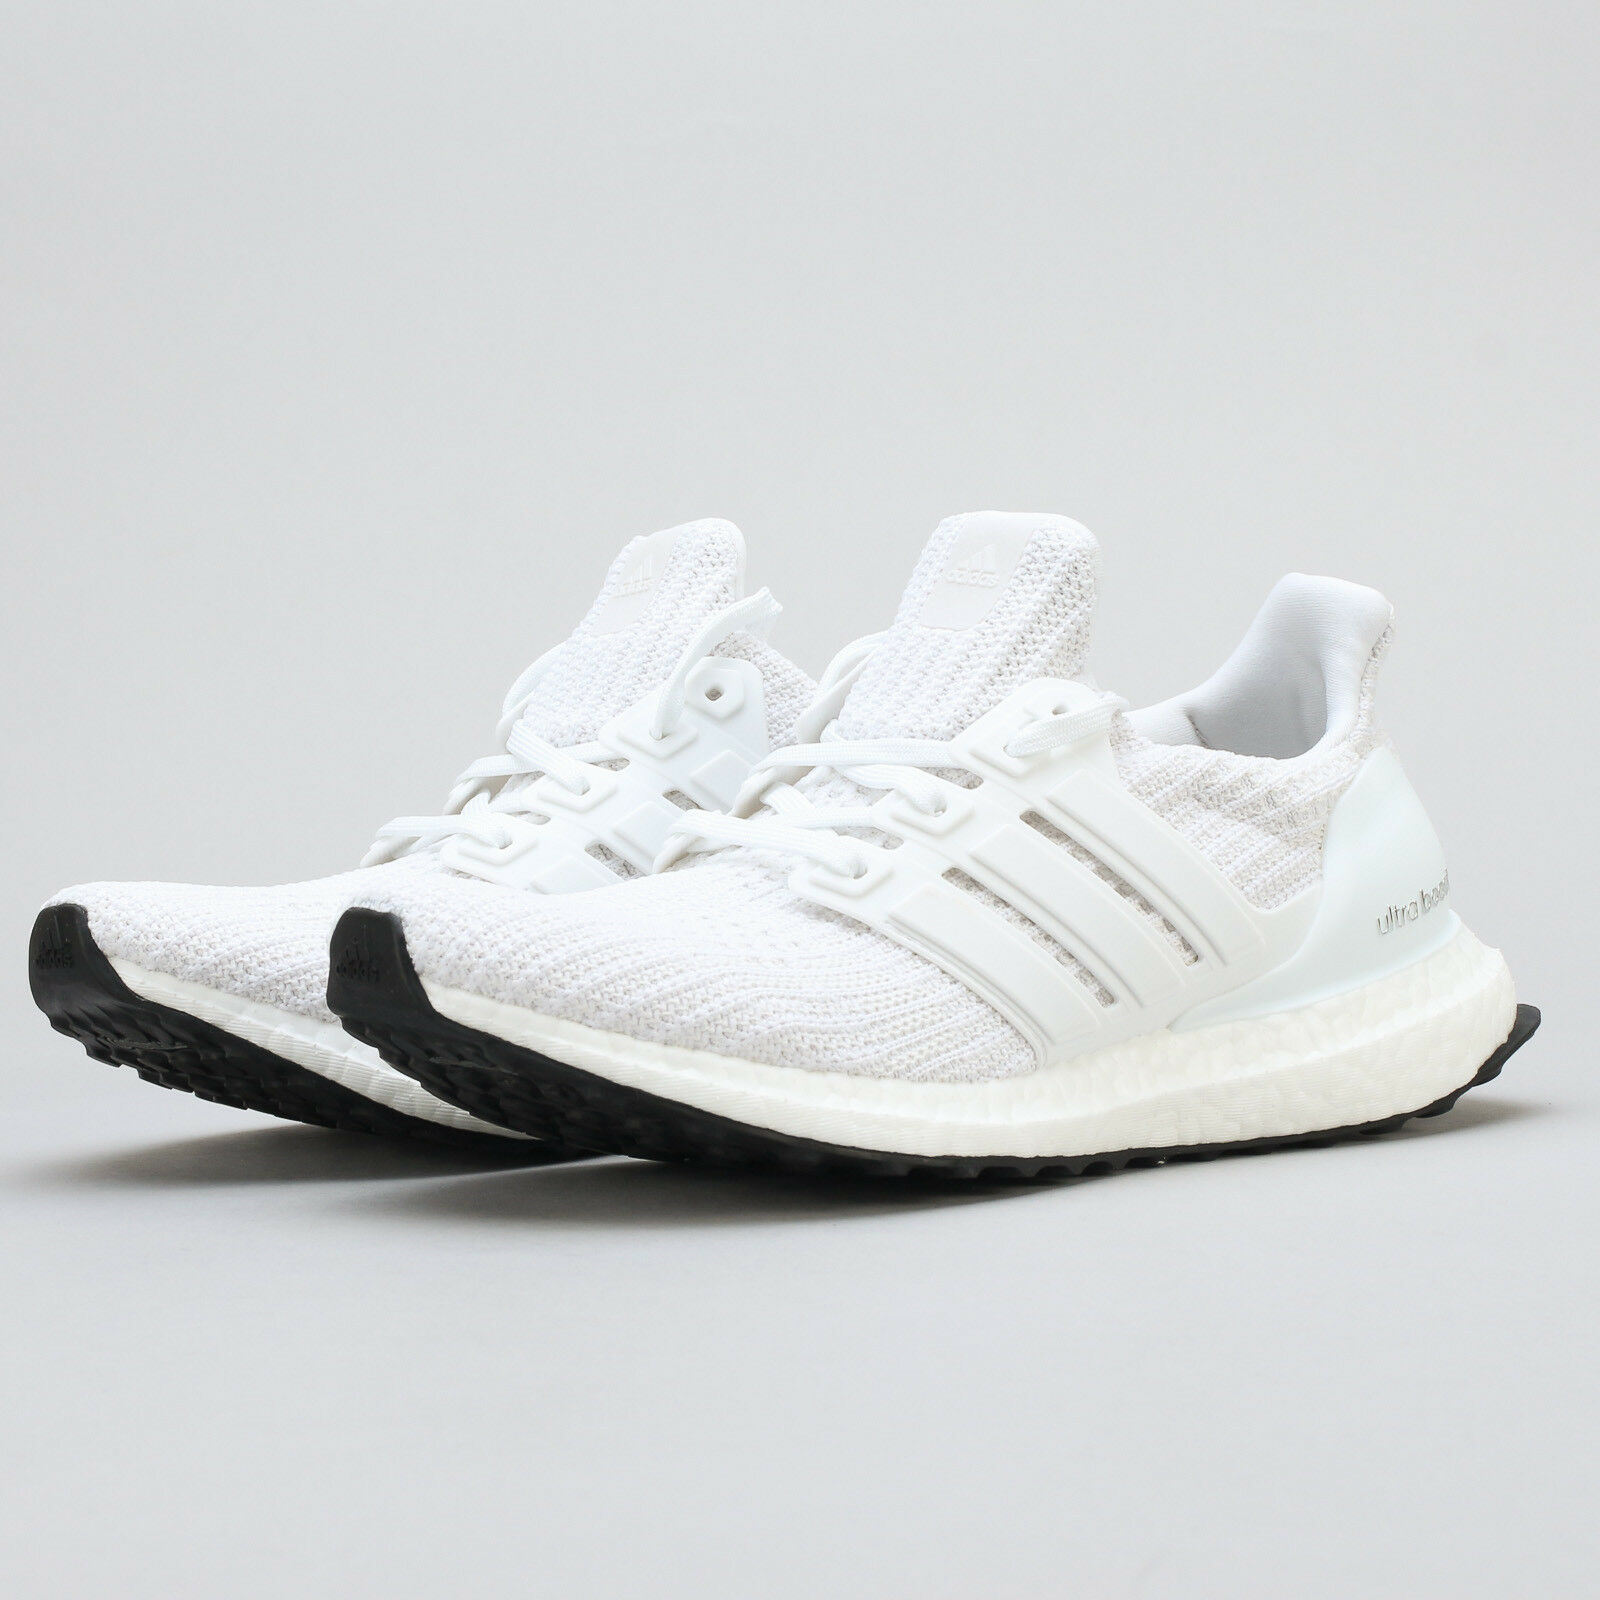 adidas UltraBOOST W ftwwht / ftwwht / ftwwht EU 42, Frauen, Weiß, BB6308